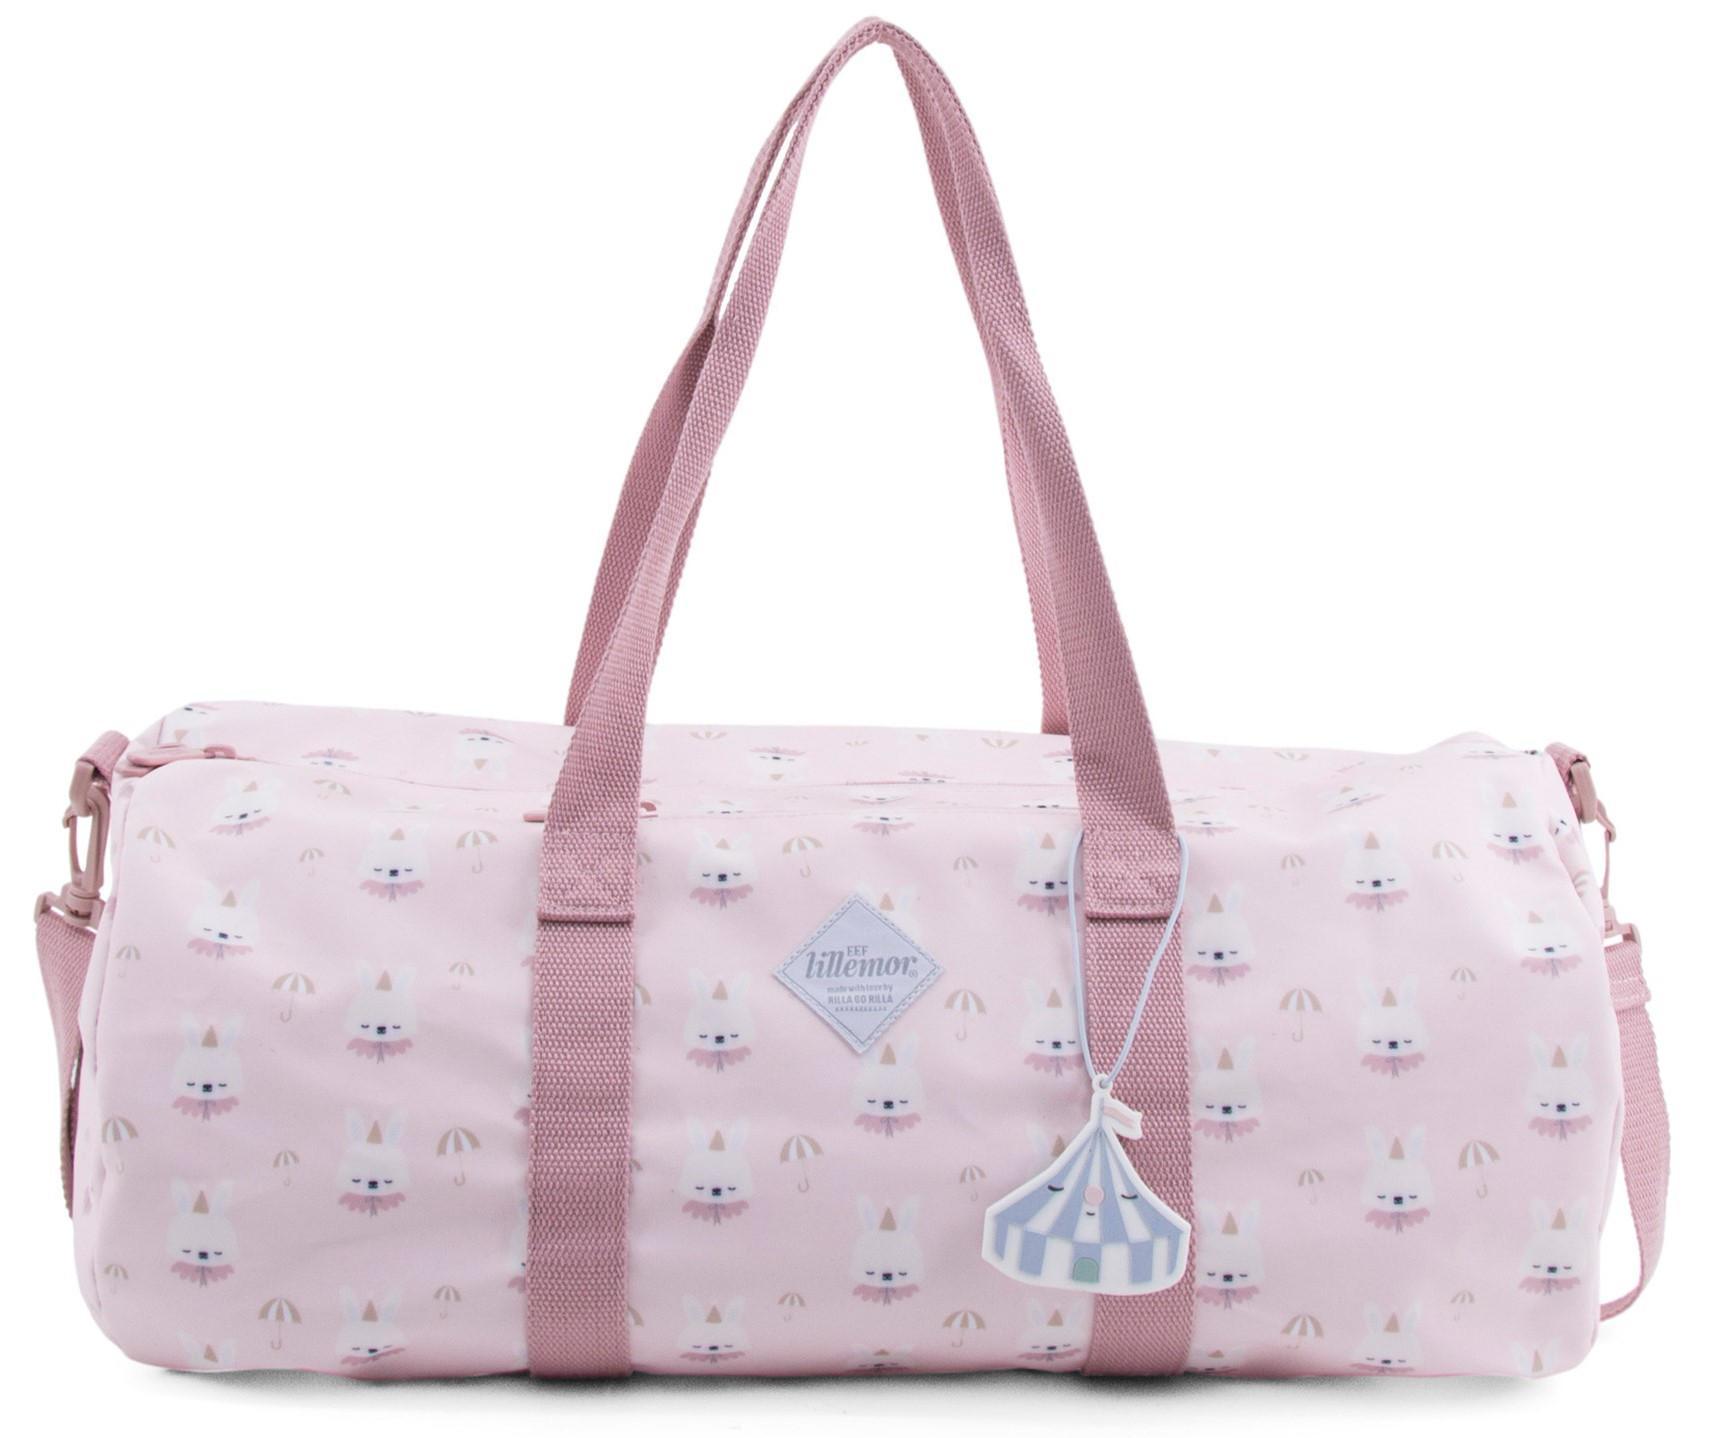 91d3fbaa41 EEF lillemor Cestovní taška Circus Travel Bag Bunny